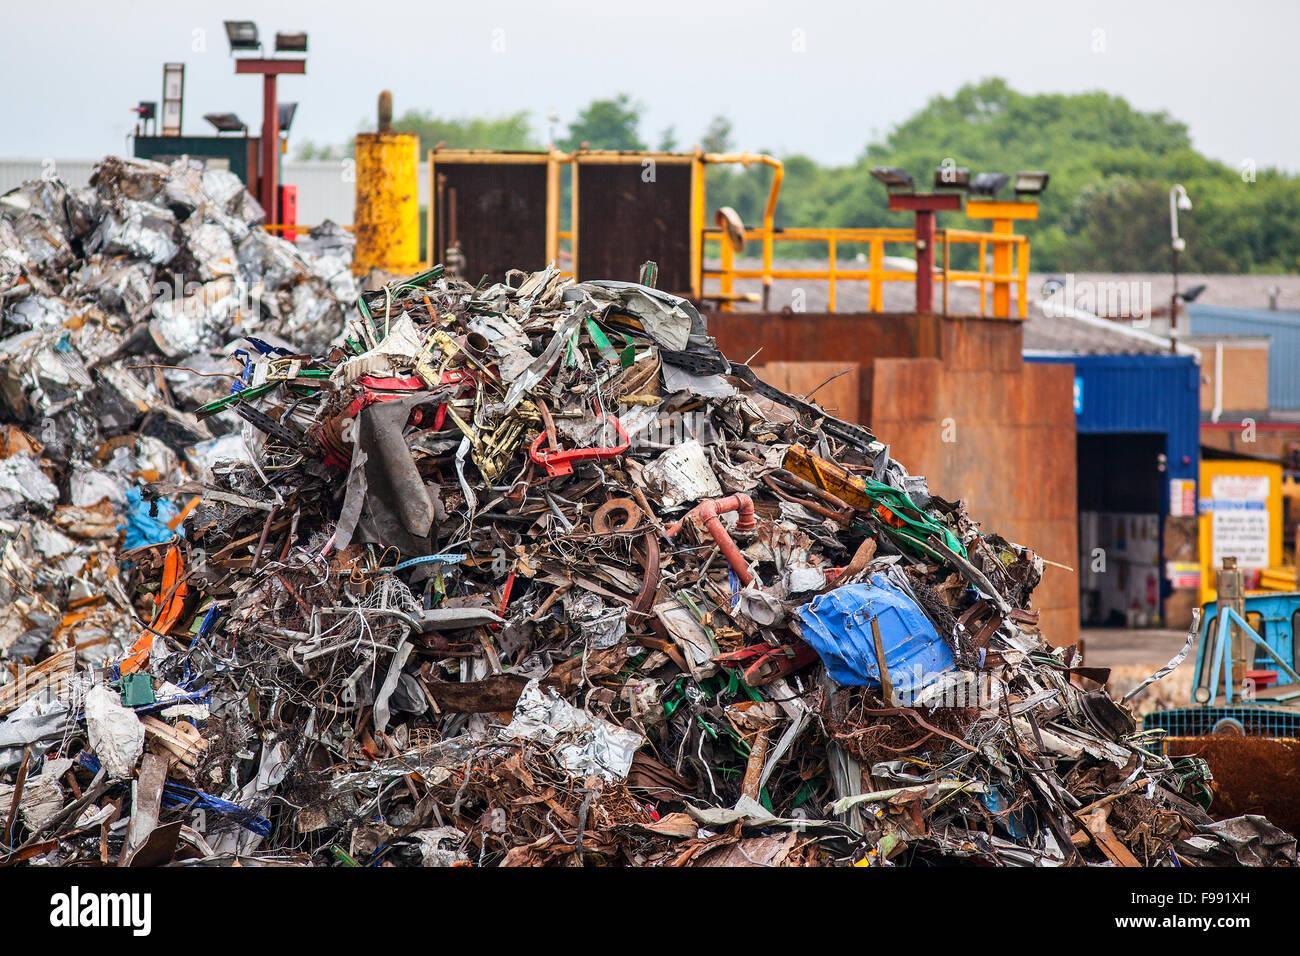 Pile of scrap metal  in junk yard - Stock Image